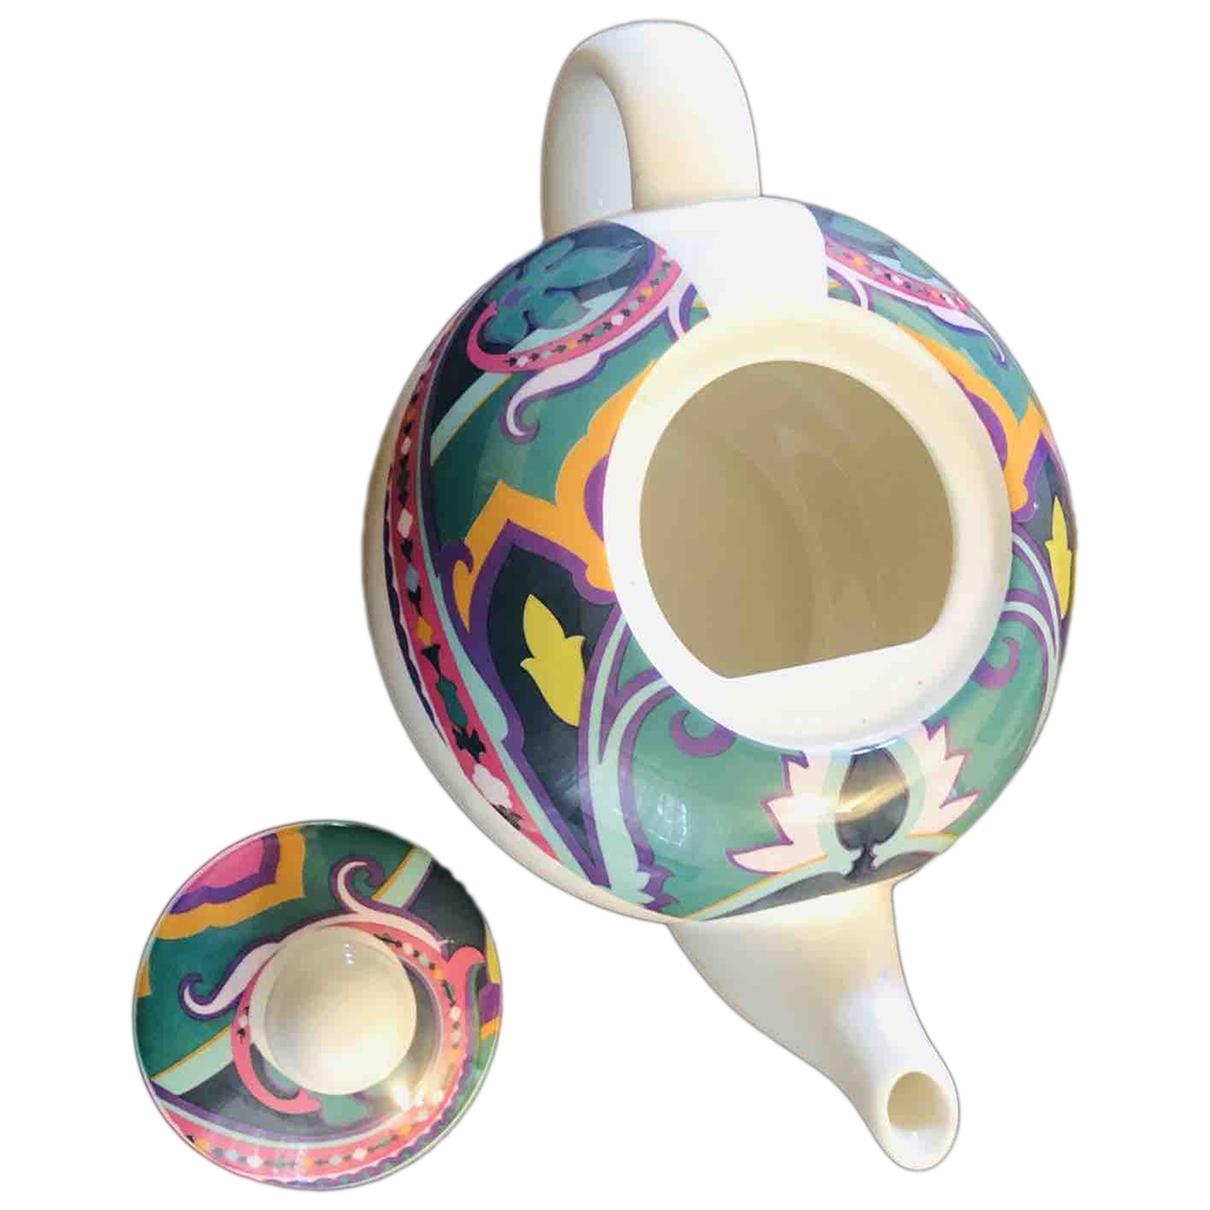 Etro - Arts de la table   pour lifestyle en porcelaine - multicolore